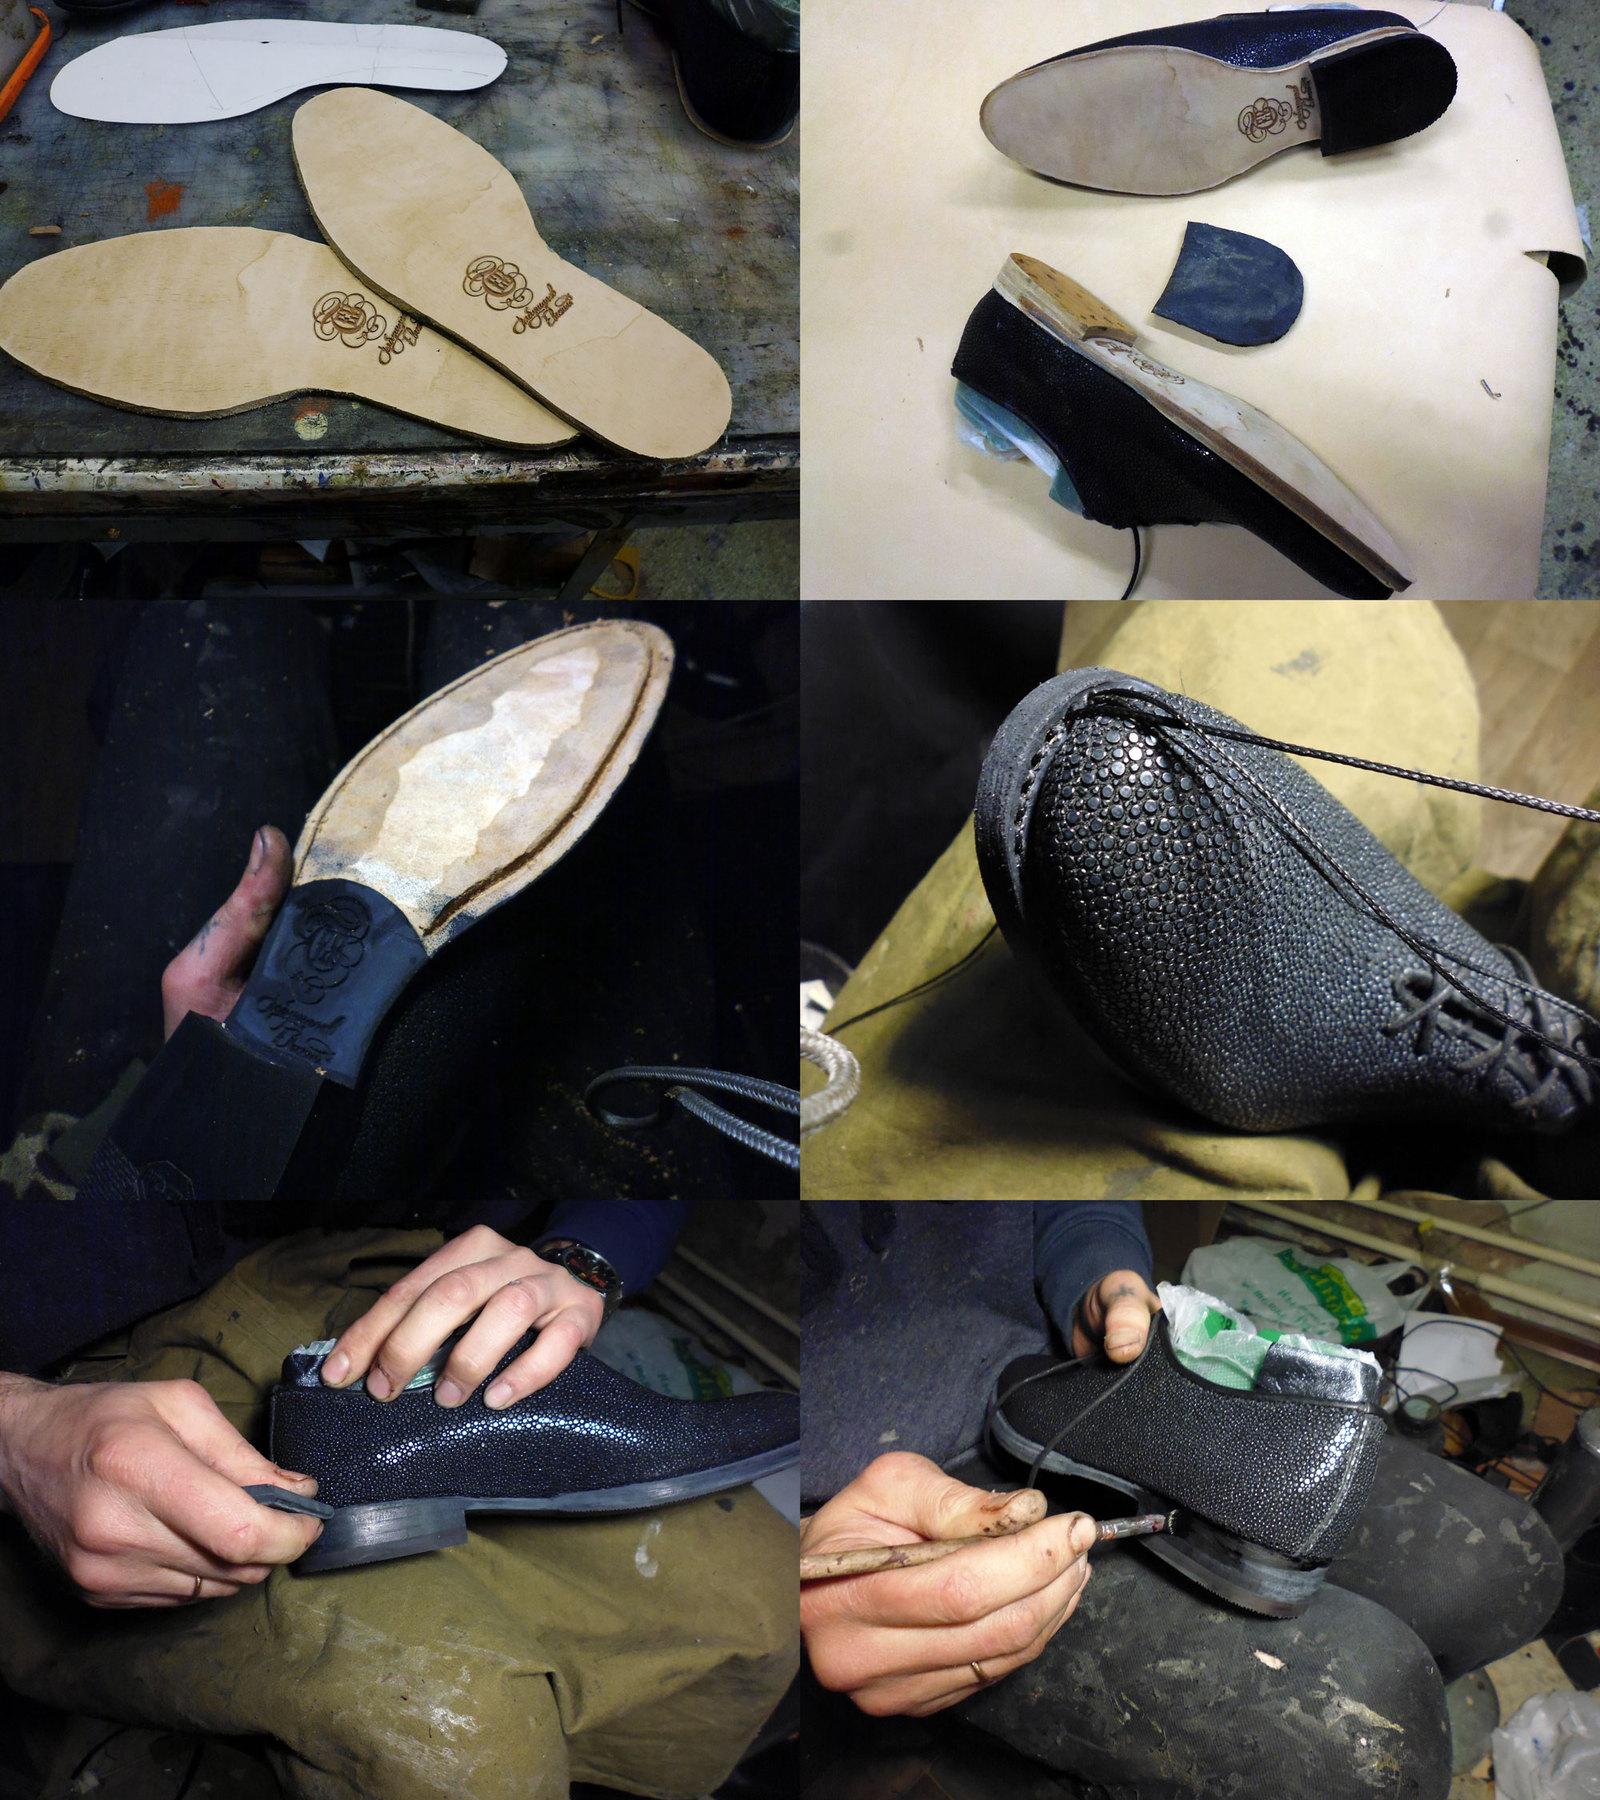 Обувь ручной работы своими руками 12